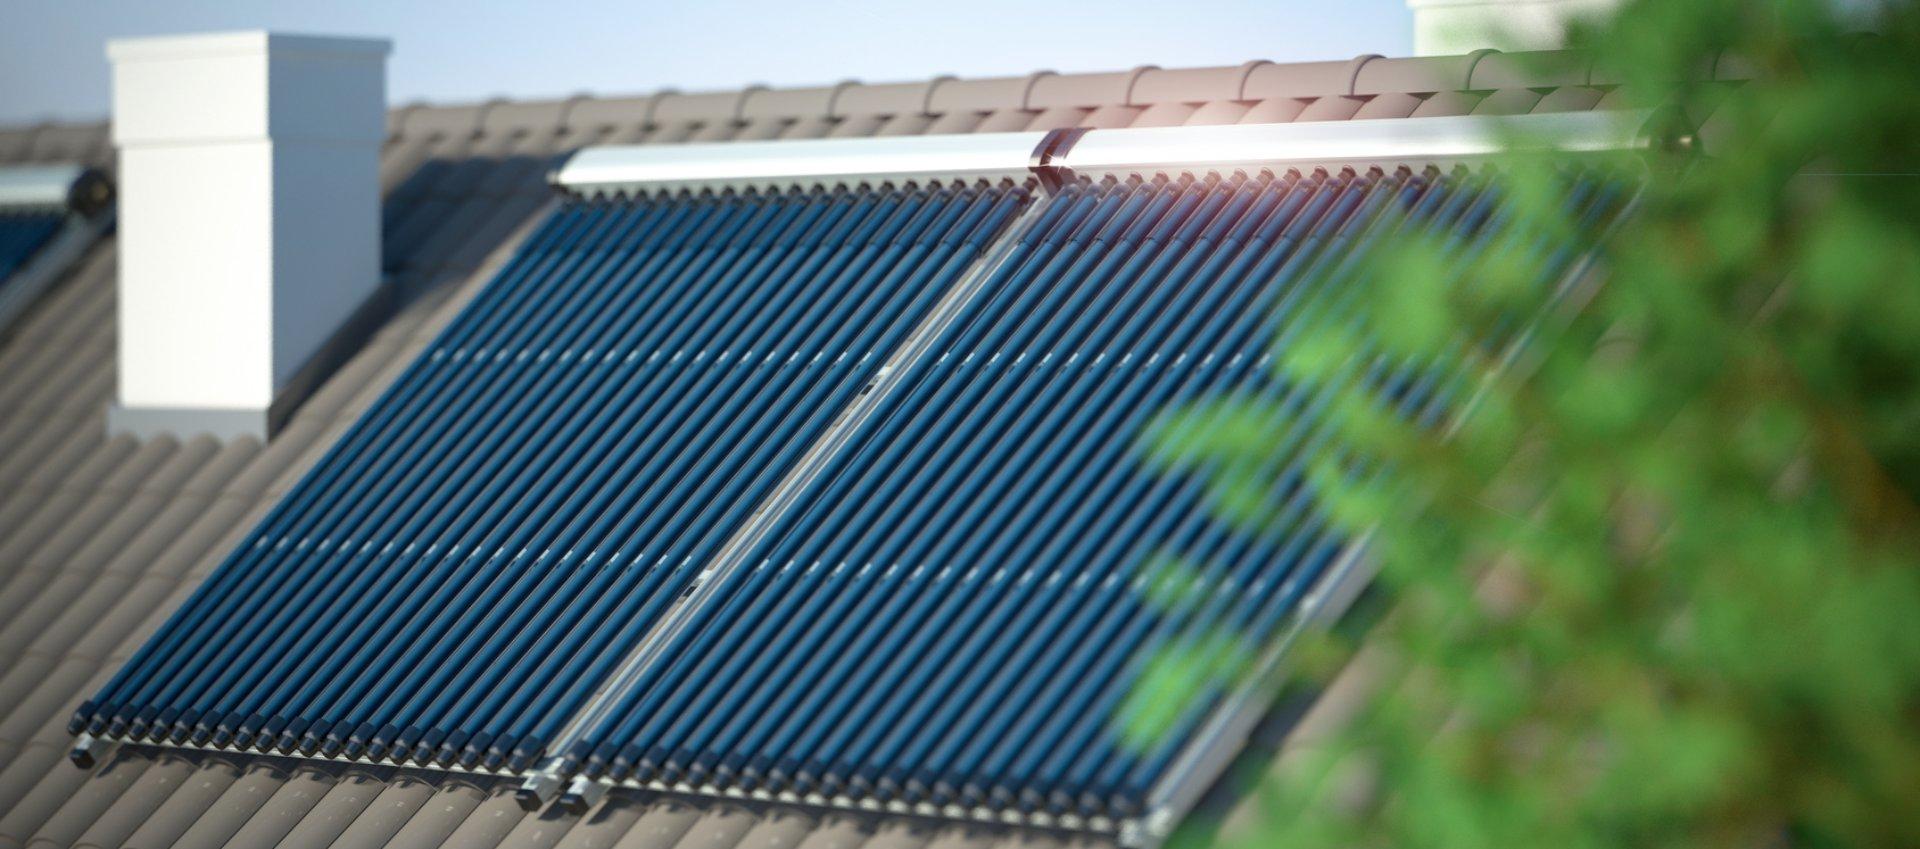 Chauffage solaire à Uzès dans le Gard